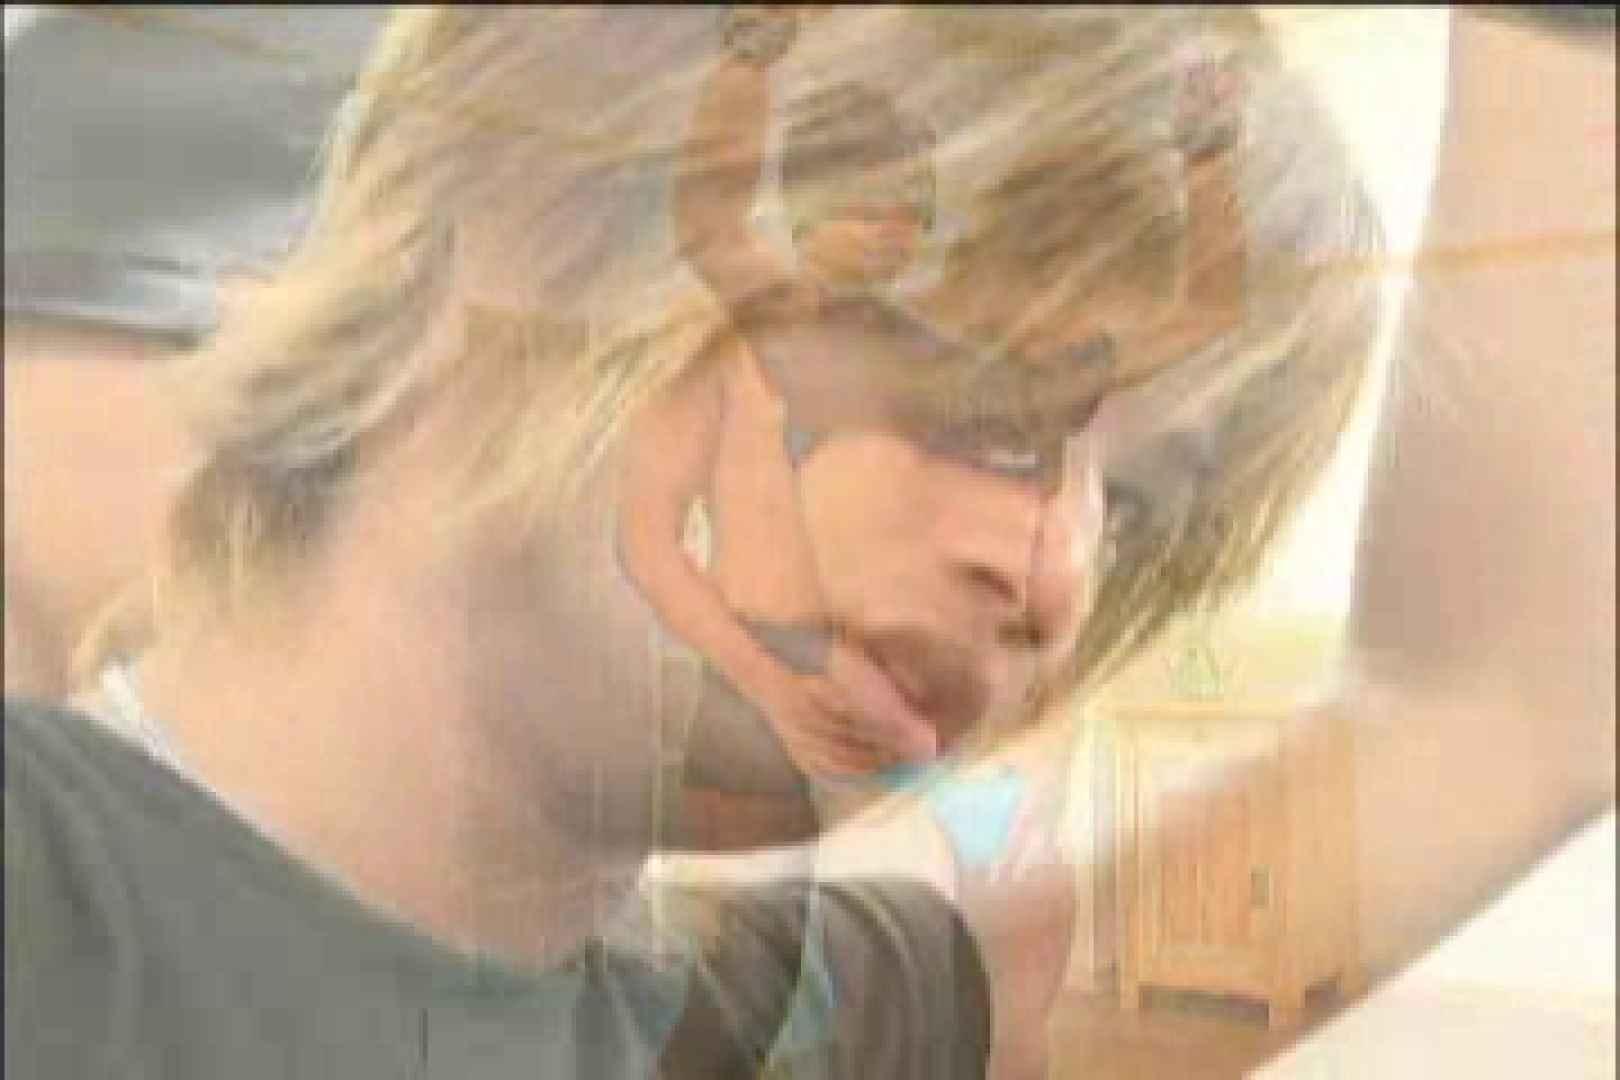 イケメン☆パラダイス〜男ざかりの君たちへ〜vol.19 フェラ天国 ゲイ無修正画像 52pic 28